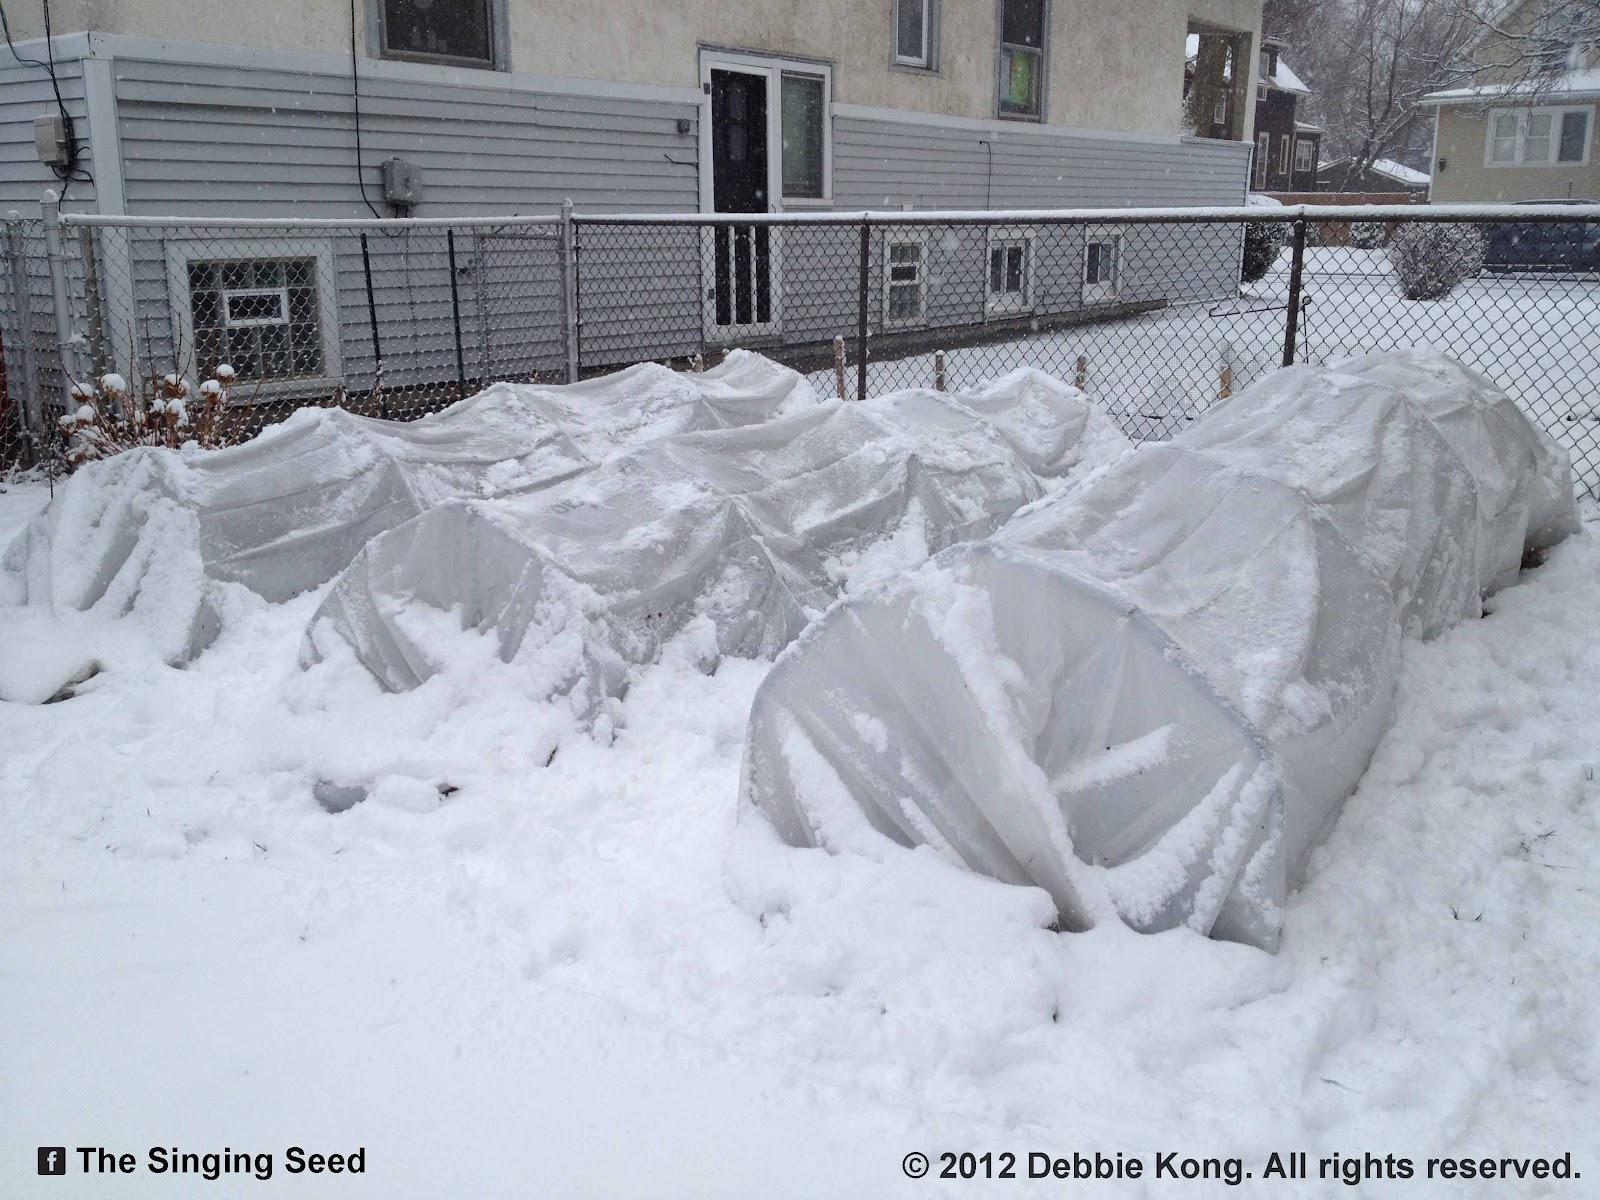 green roof growers winter garden trial